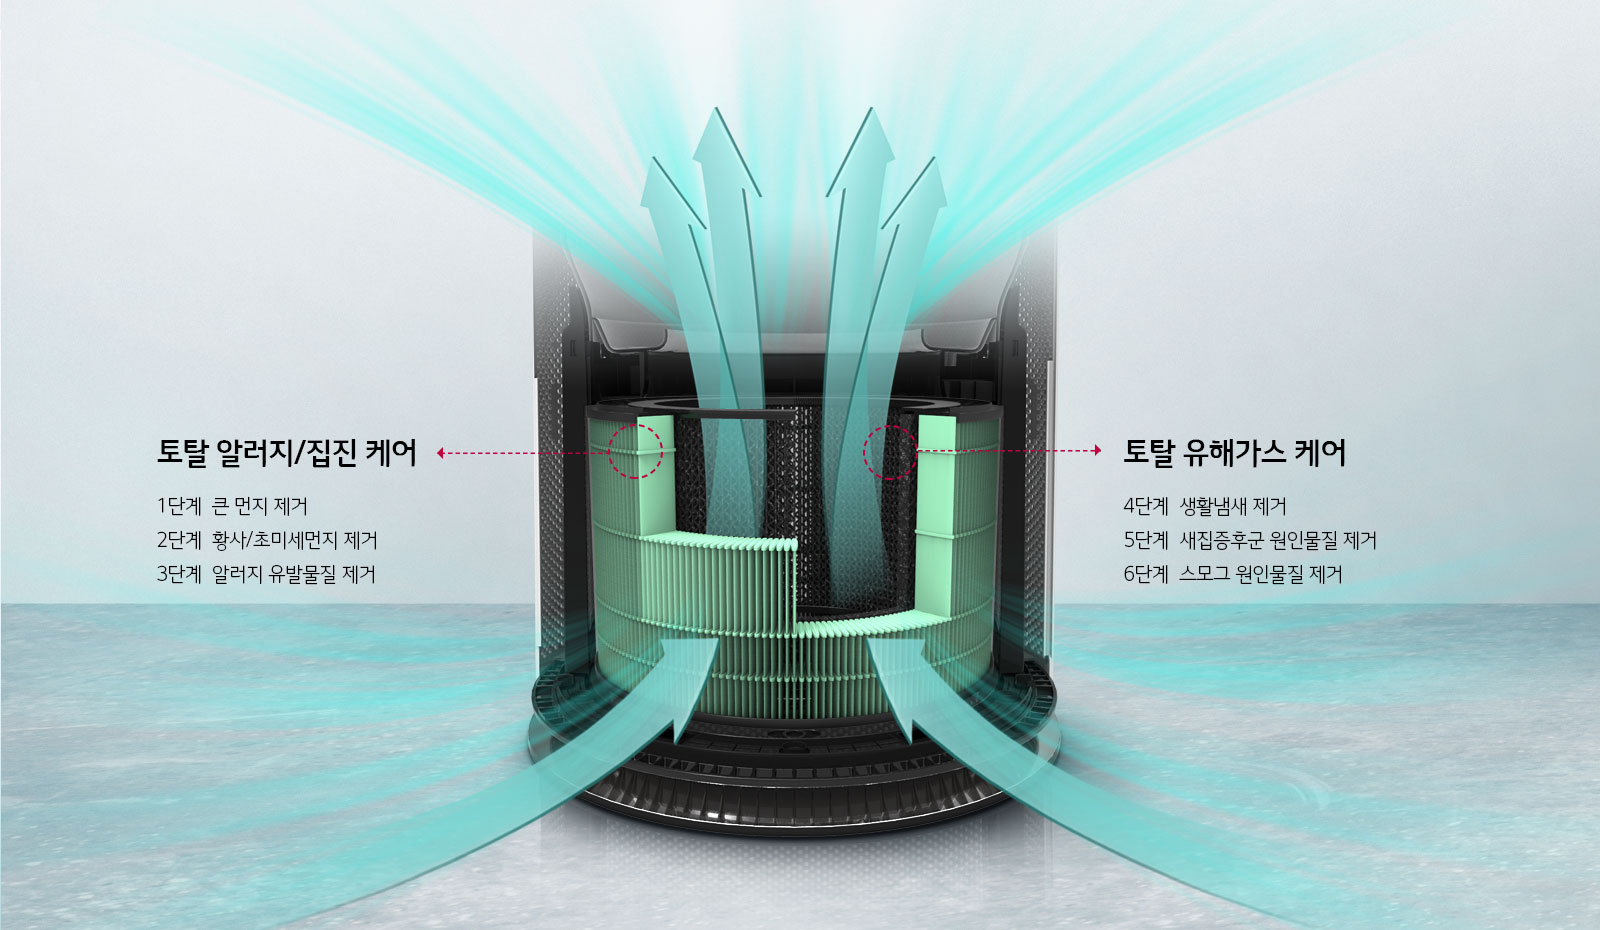 Máy lọc không khí LG AS309DAW